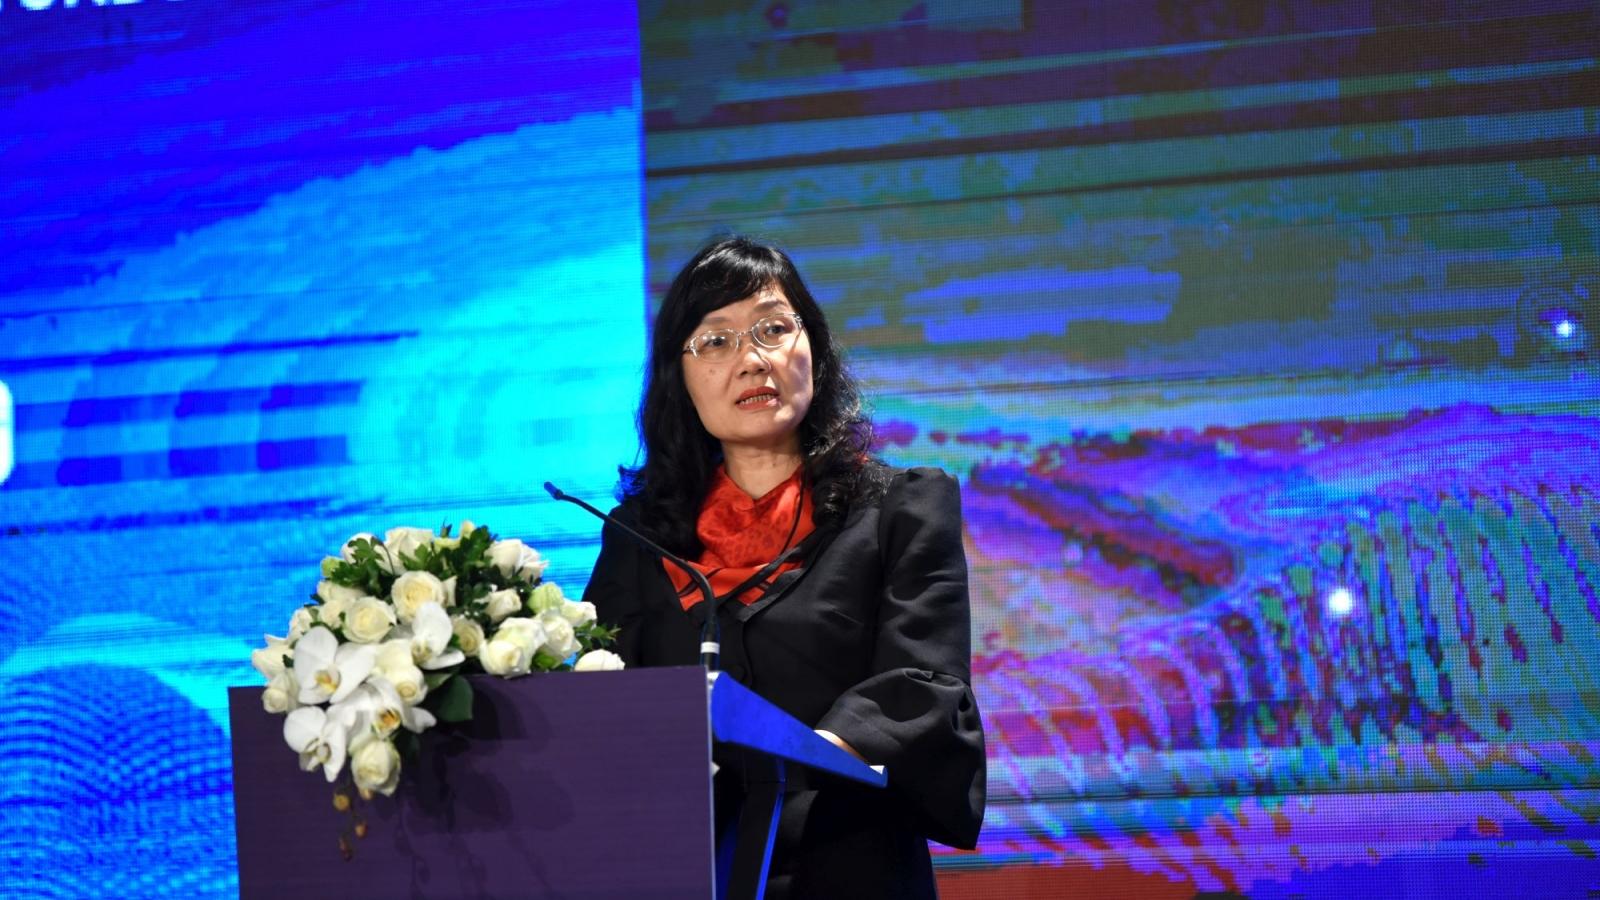 Điểm mới của Hội thảo Khoa học Quốc tế về Biển Đông lần thứ 12